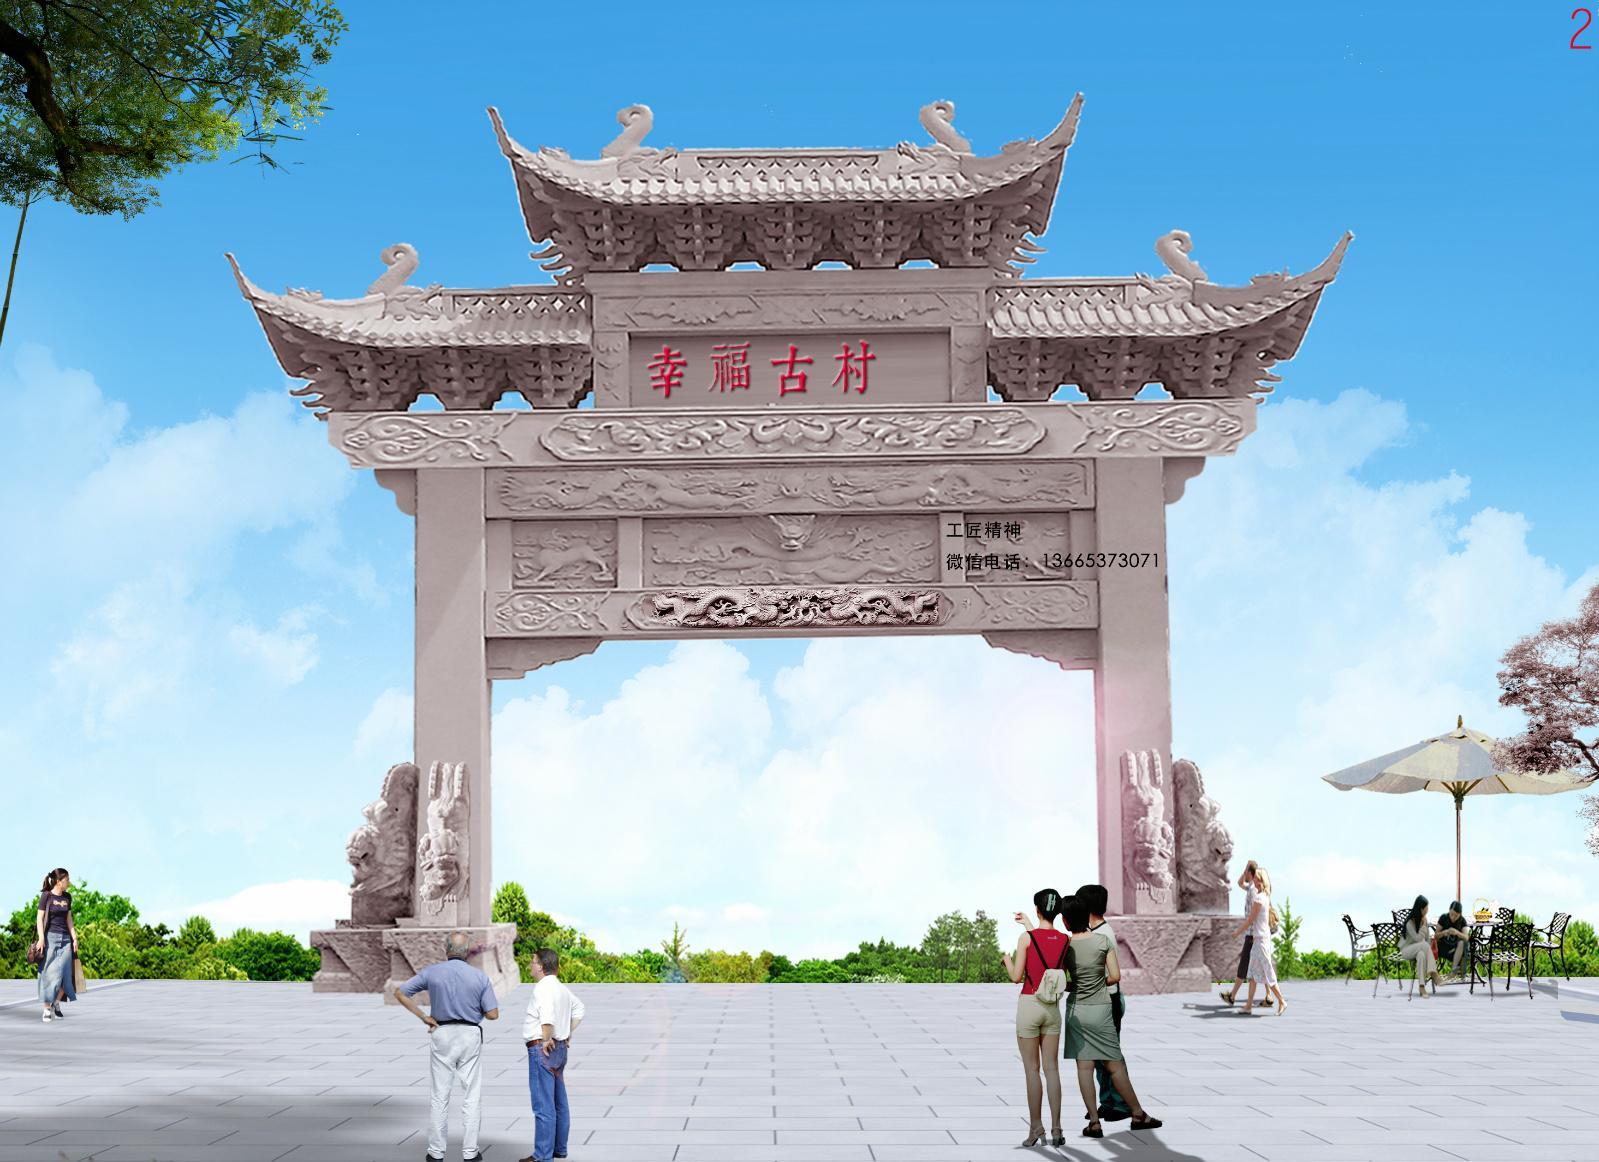 美丽乡村入口牌坊如何建造有哪些作用